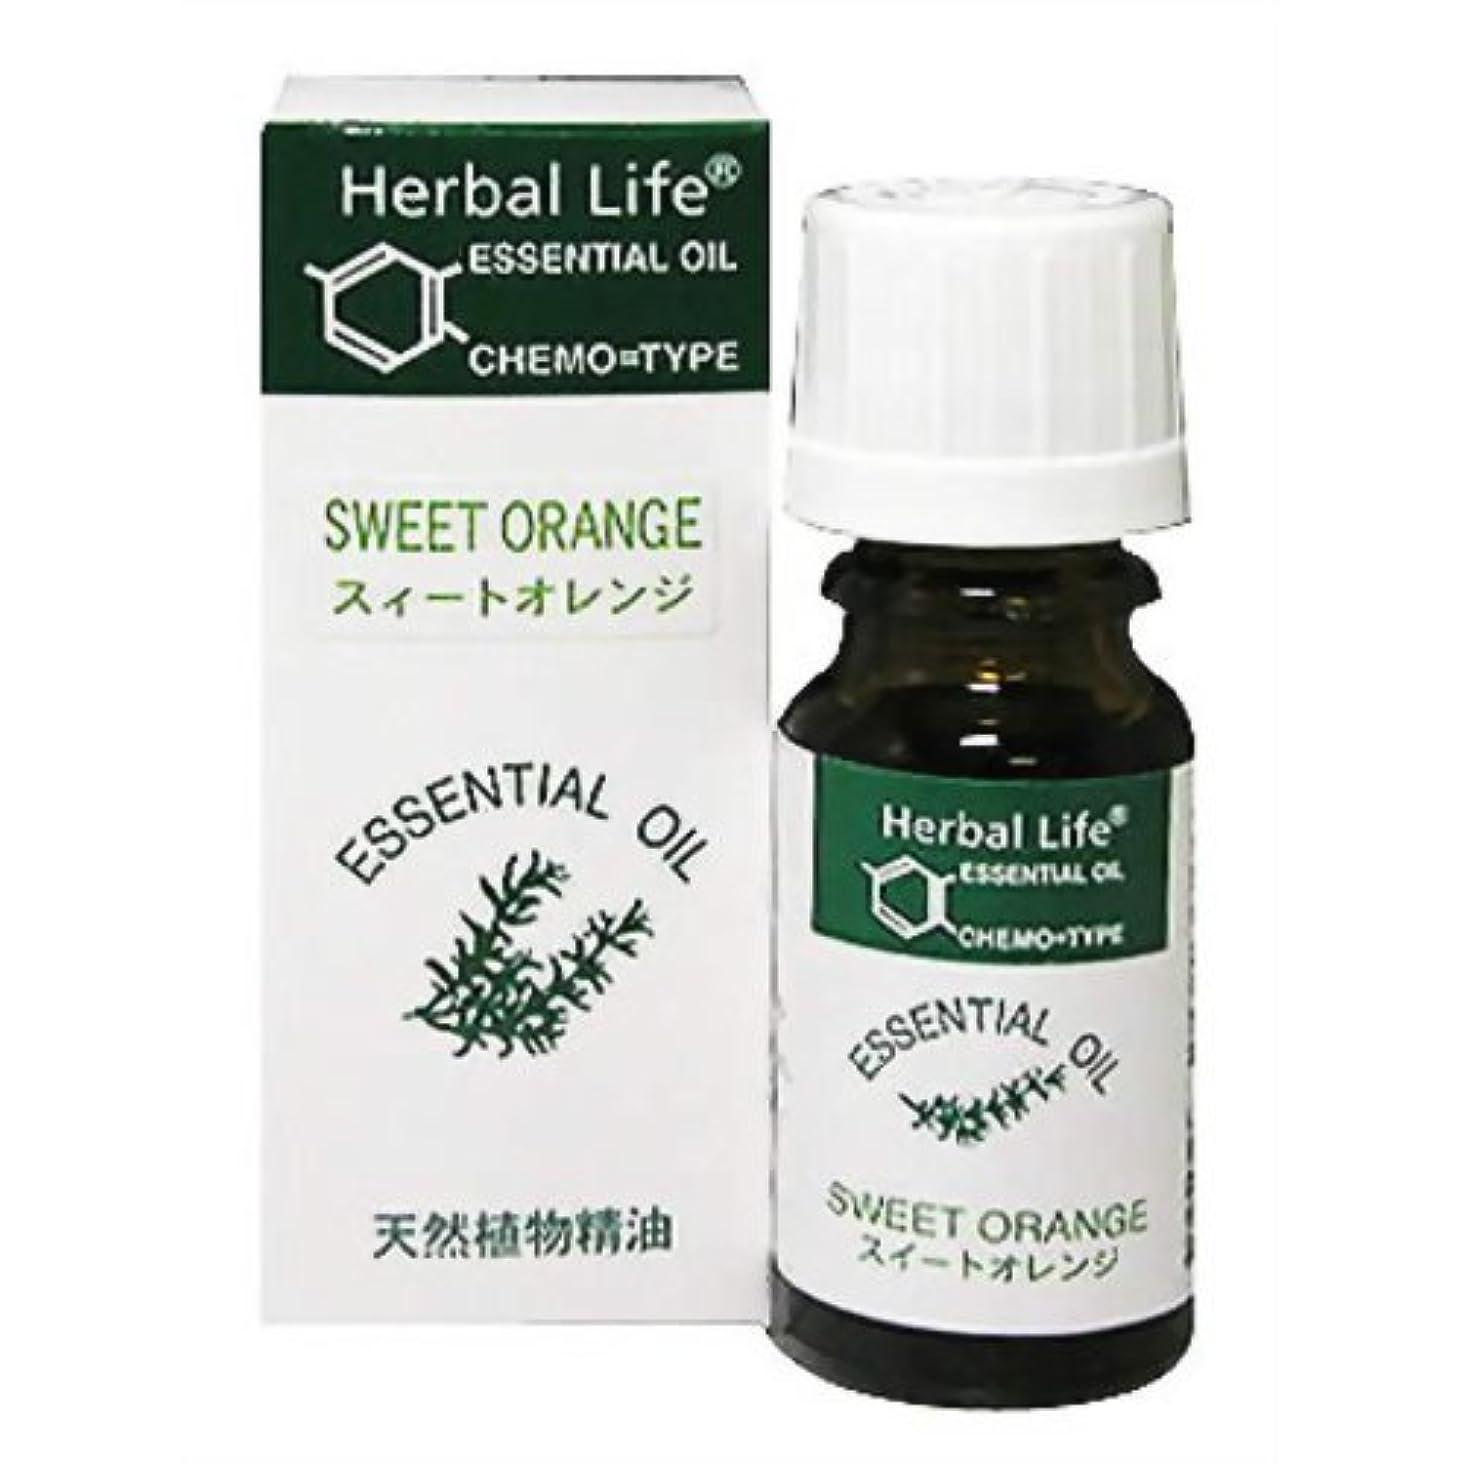 怒って保持するなんでも生活の木 Herbal Life スィートオレンジ 10ml